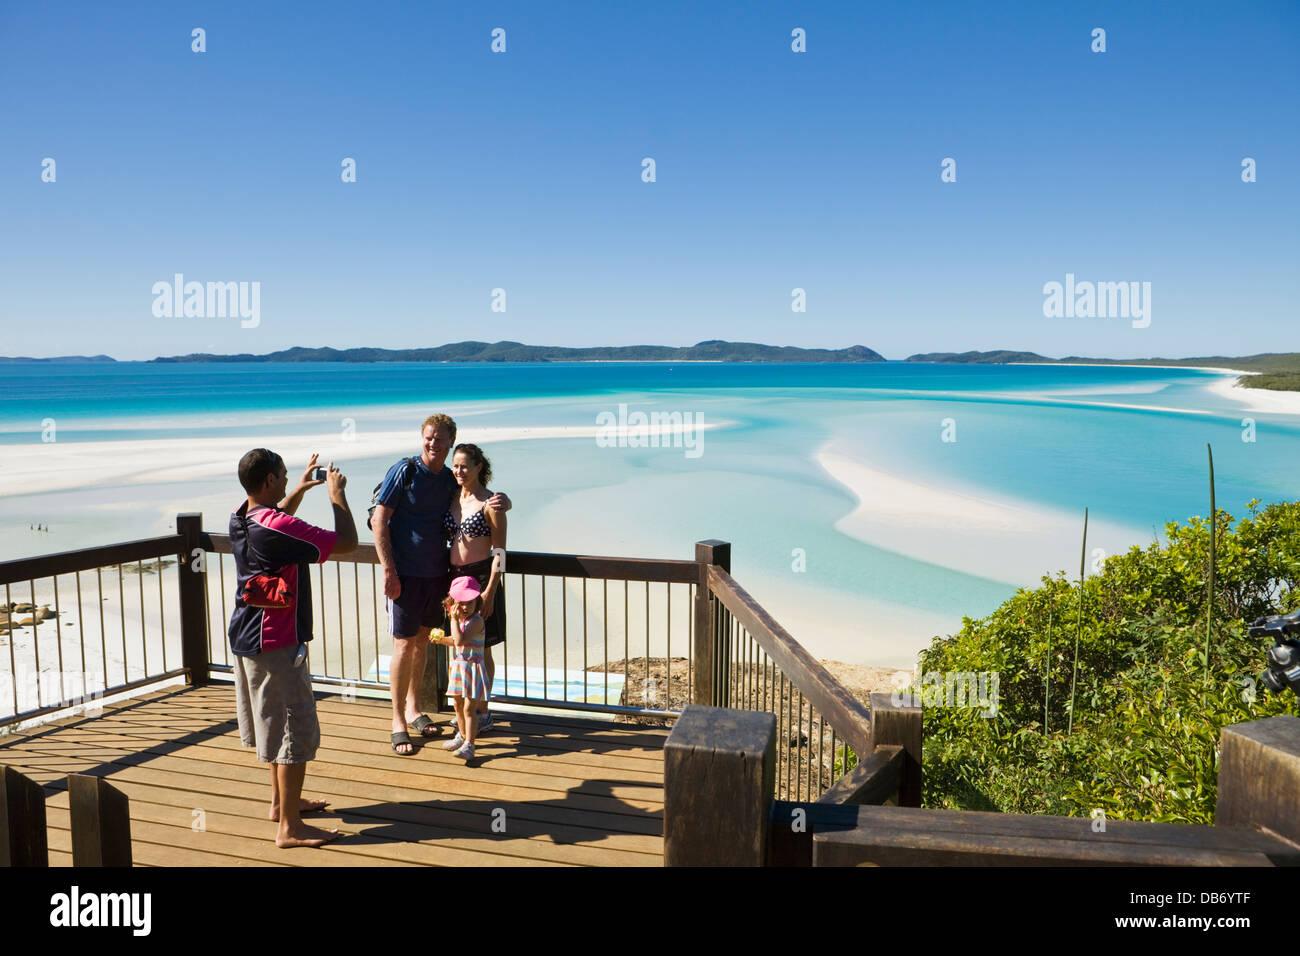 Familia en el pintoresco mirador con vistas a la colina y la entrada a la Playa Whitehaven. La Isla Whitsunday, Imagen De Stock